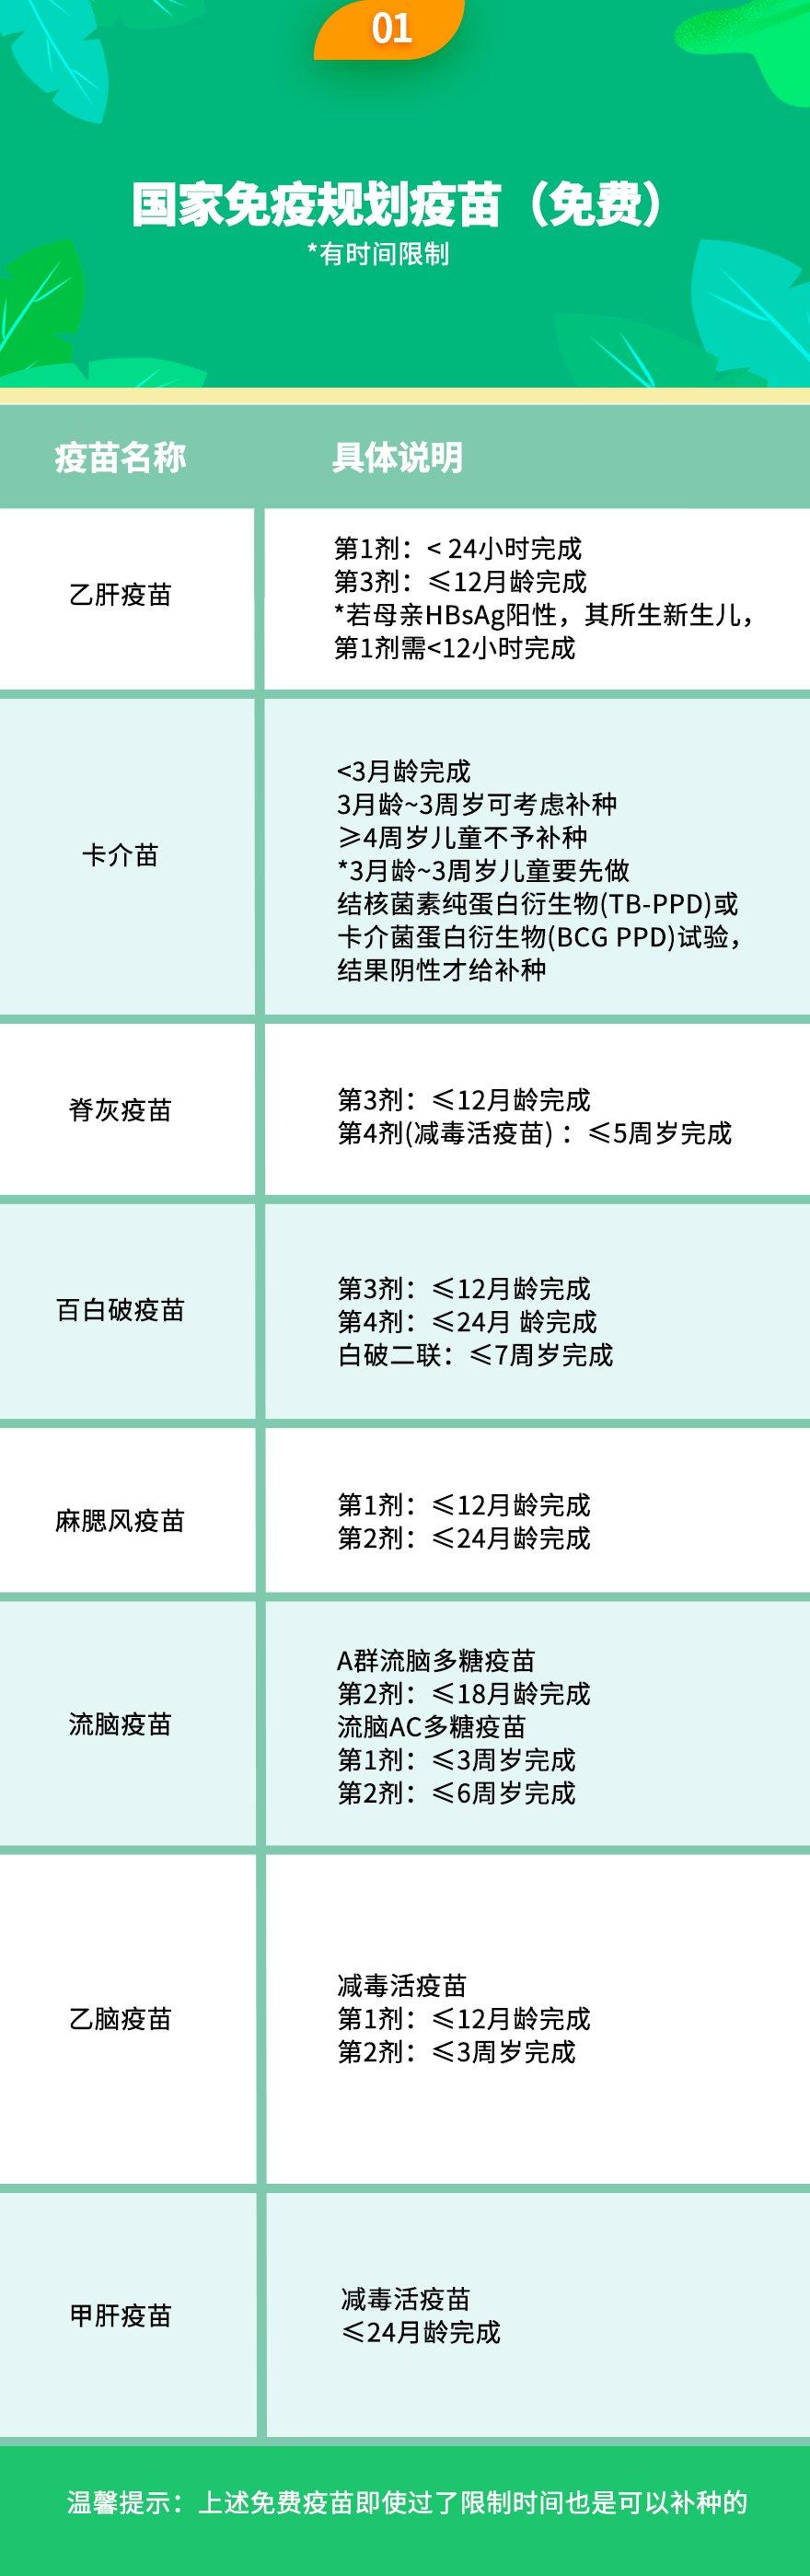 儿童疫苗接种时间表_2020年深圳疫苗预防接种时间表一览_免疫